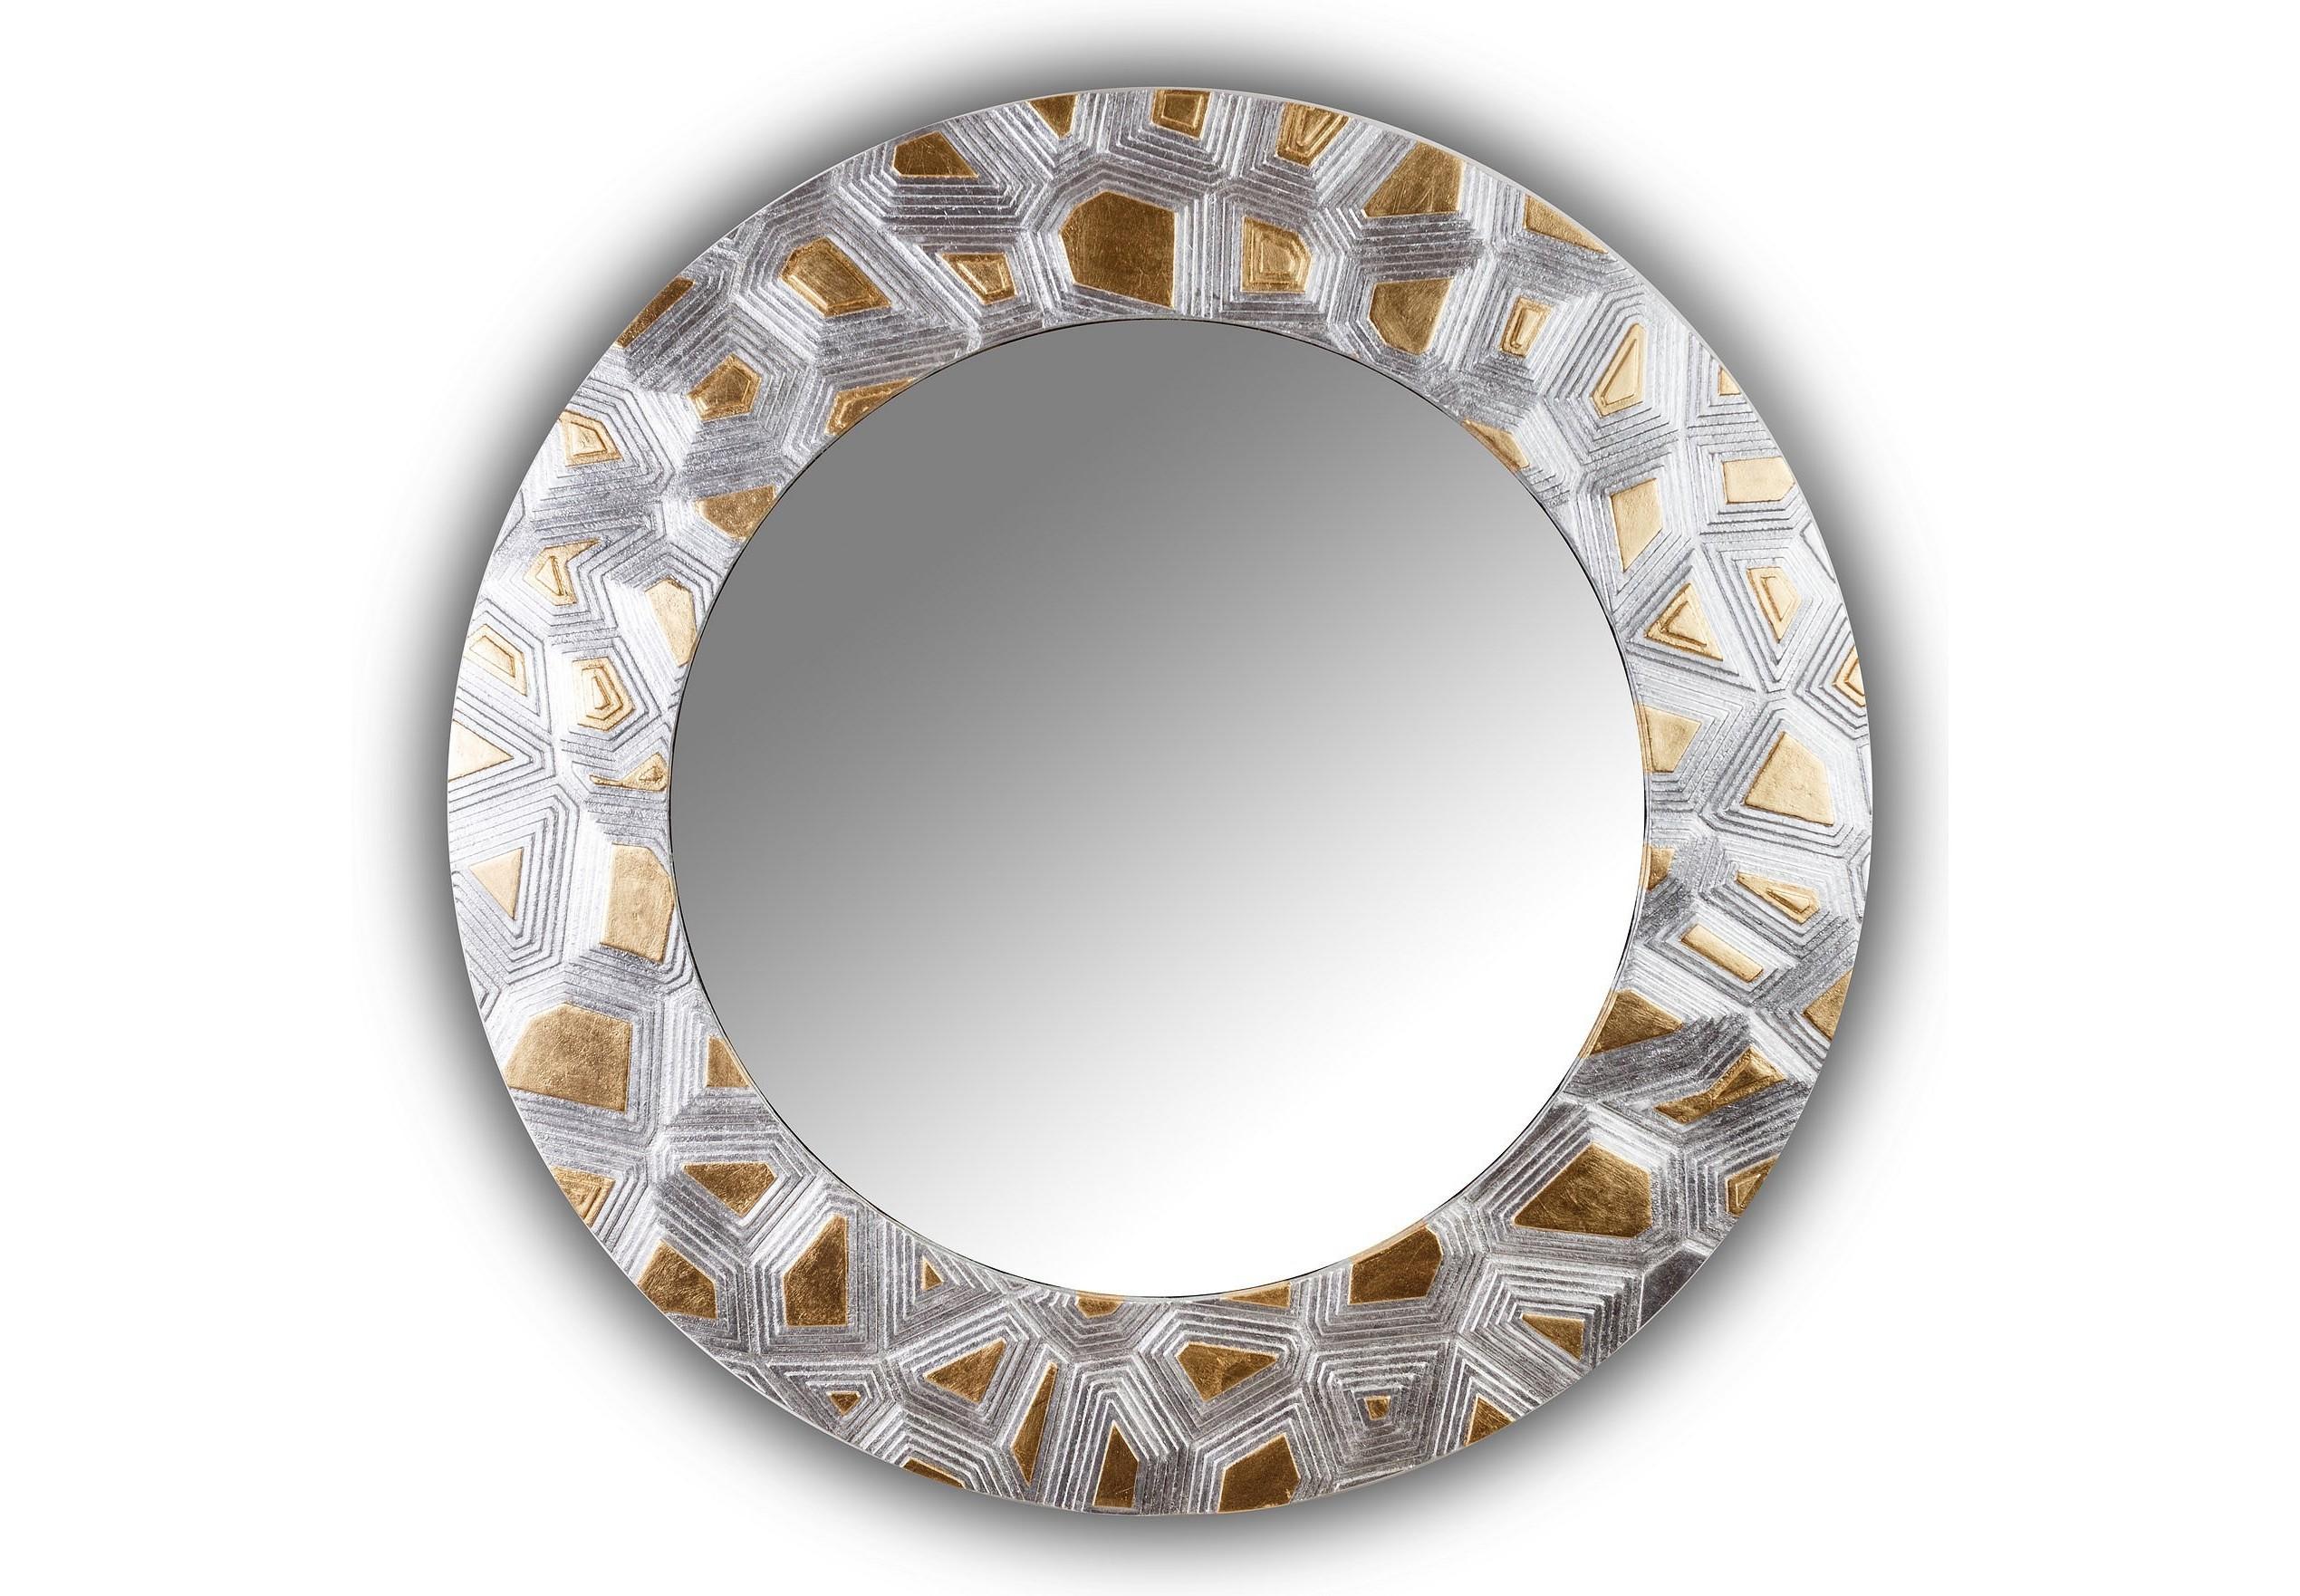 Зеркало FASHION HOLLOWНастенные зеркала<br>Данный вариант представлен в золотом и серебряном цвете.<br><br>Material: Дерево<br>Глубина см: 3